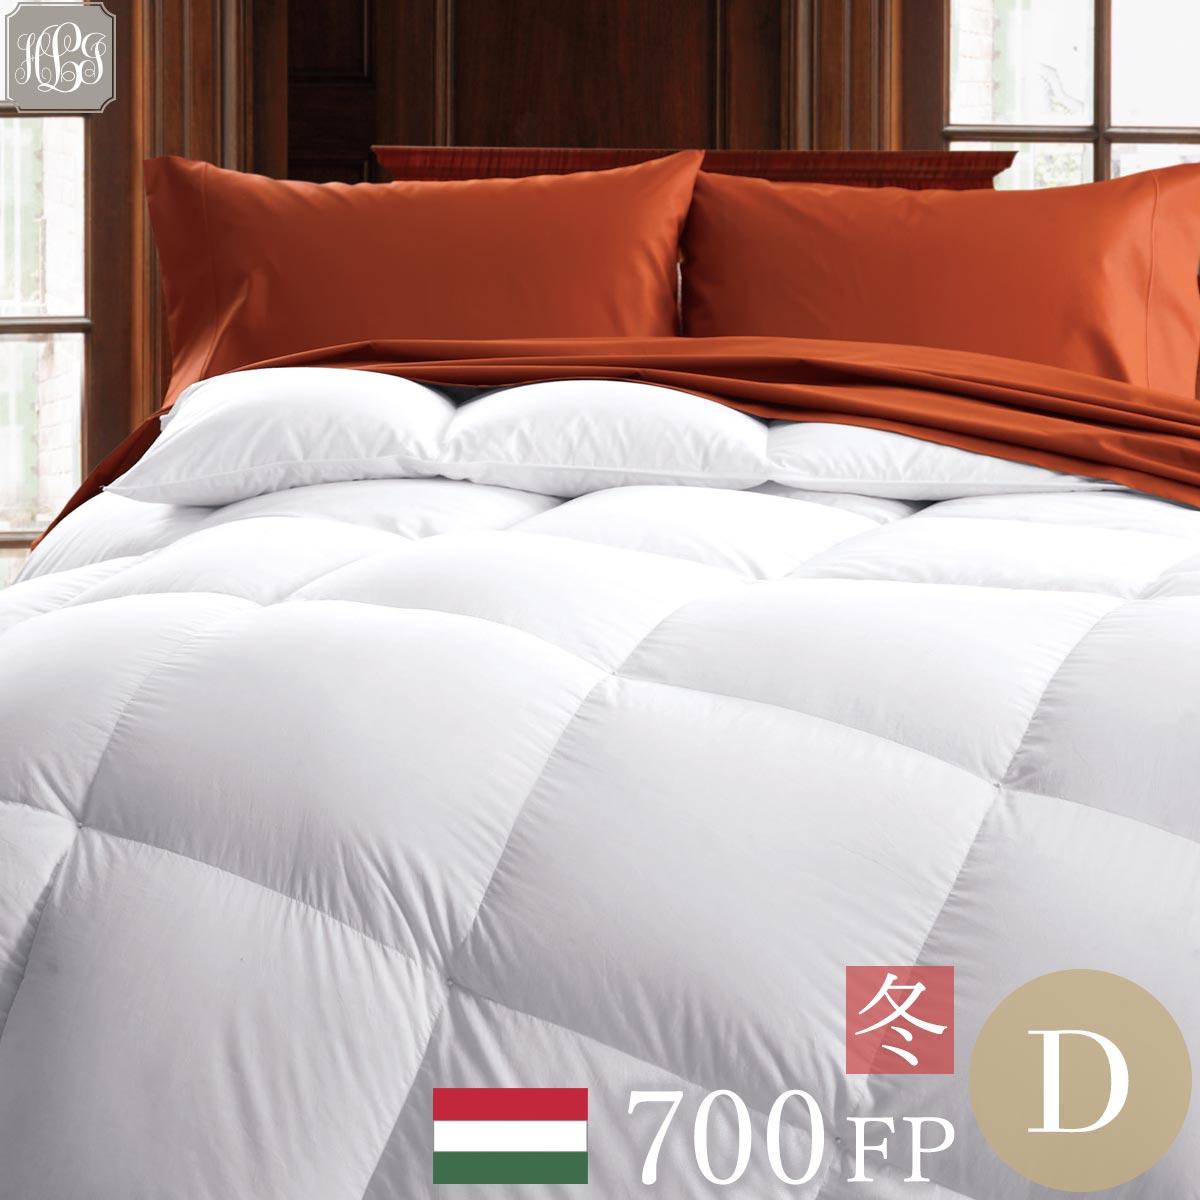 羽毛布団 ダブル 190cmx210cm 冬用 700FPハンガリー産ホワイトグースダウン 高級ホテル 超長綿100 暖かい 軽い 送料無料